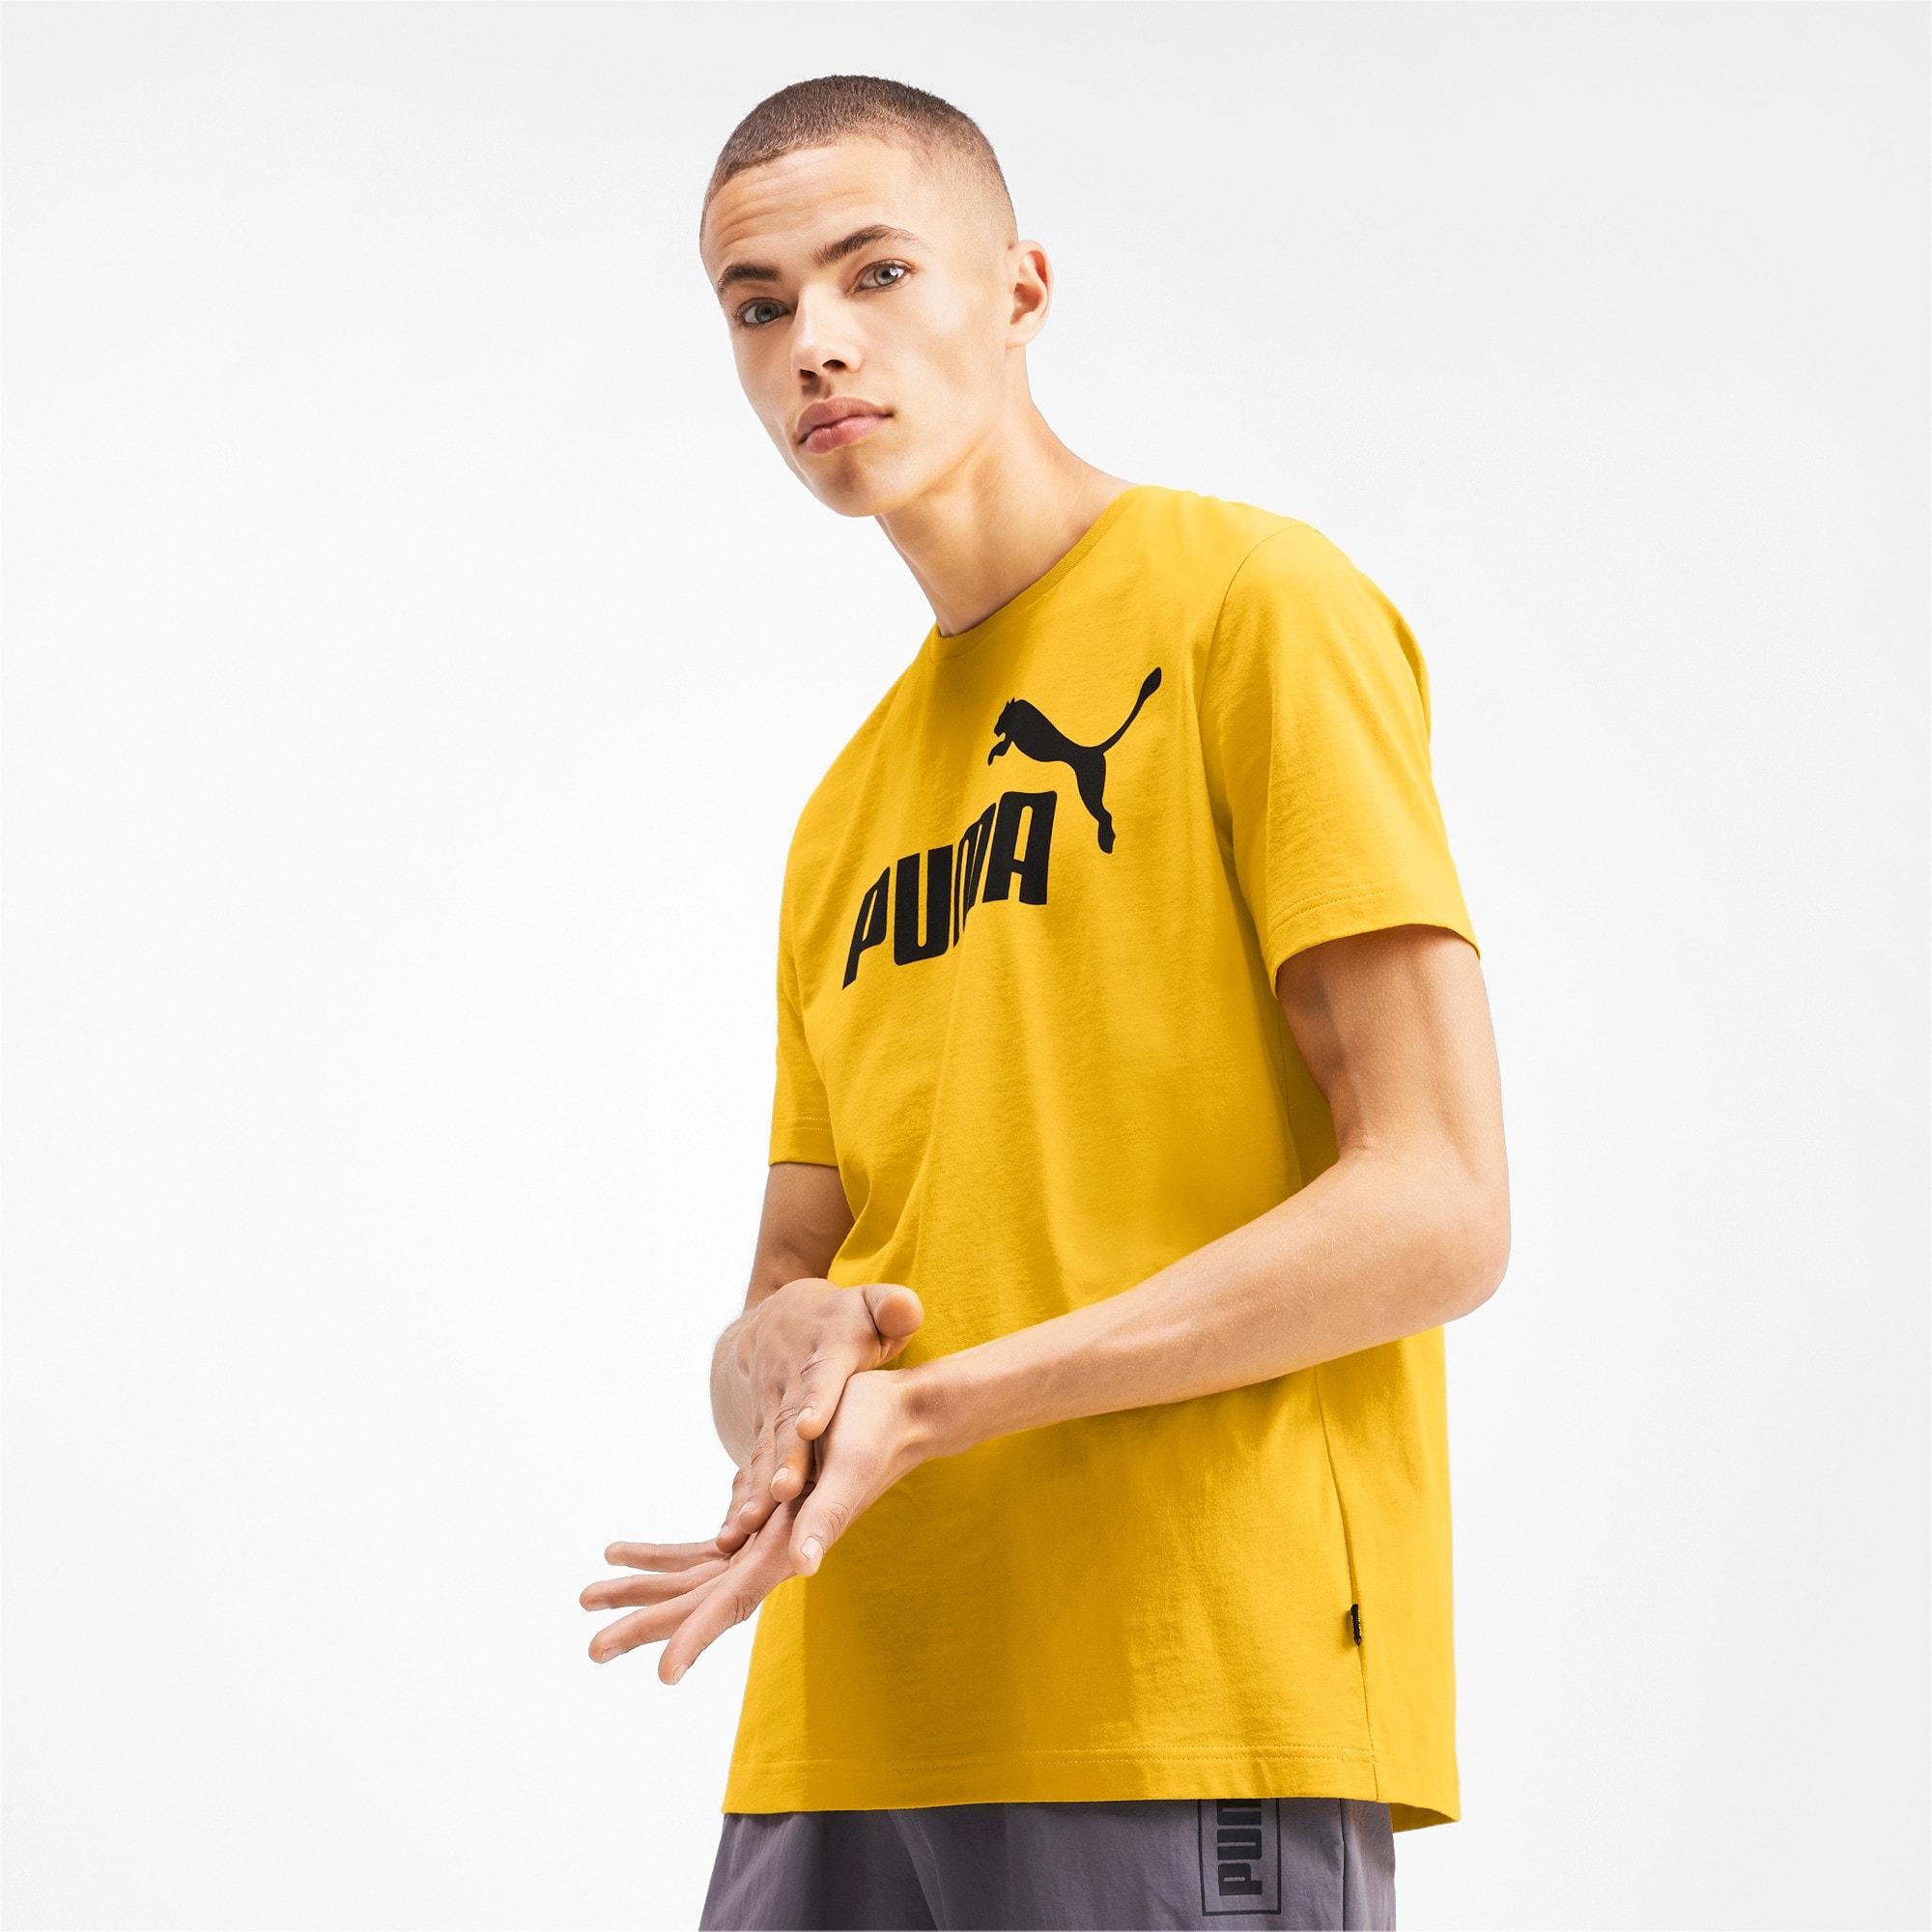 Thumbnail 1 of T-shirt Essentials uomo, Sulphur, medium